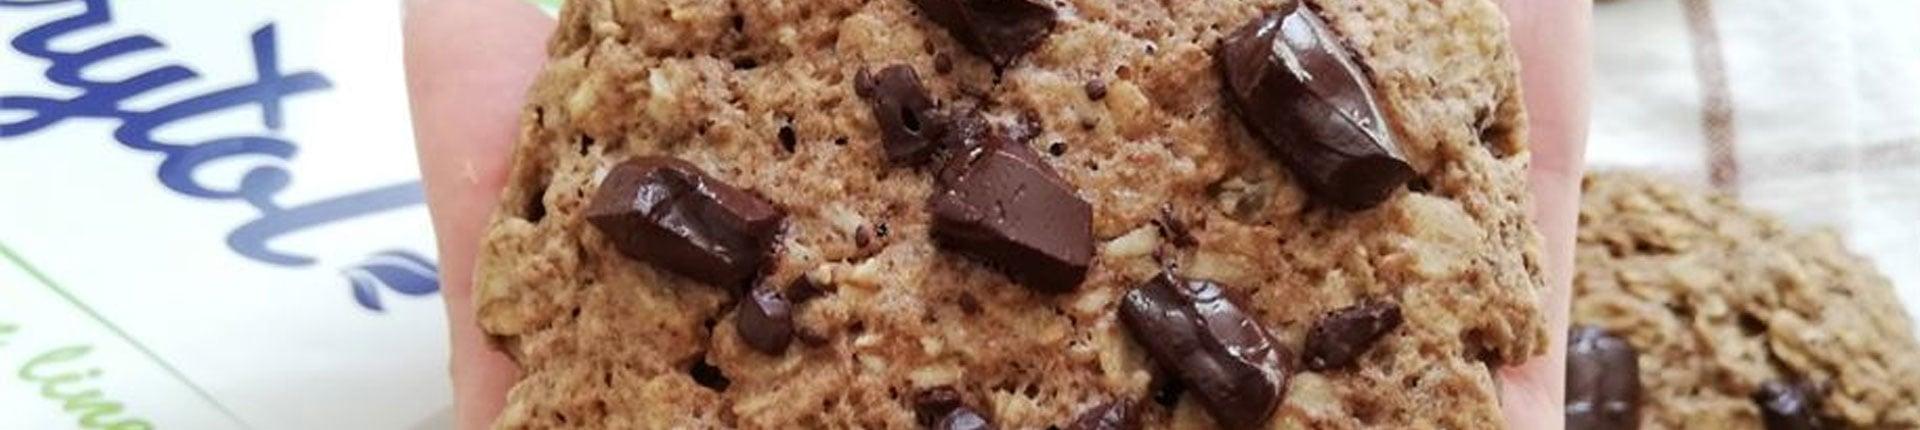 Zdrowe ciastka owsiane bez cukru